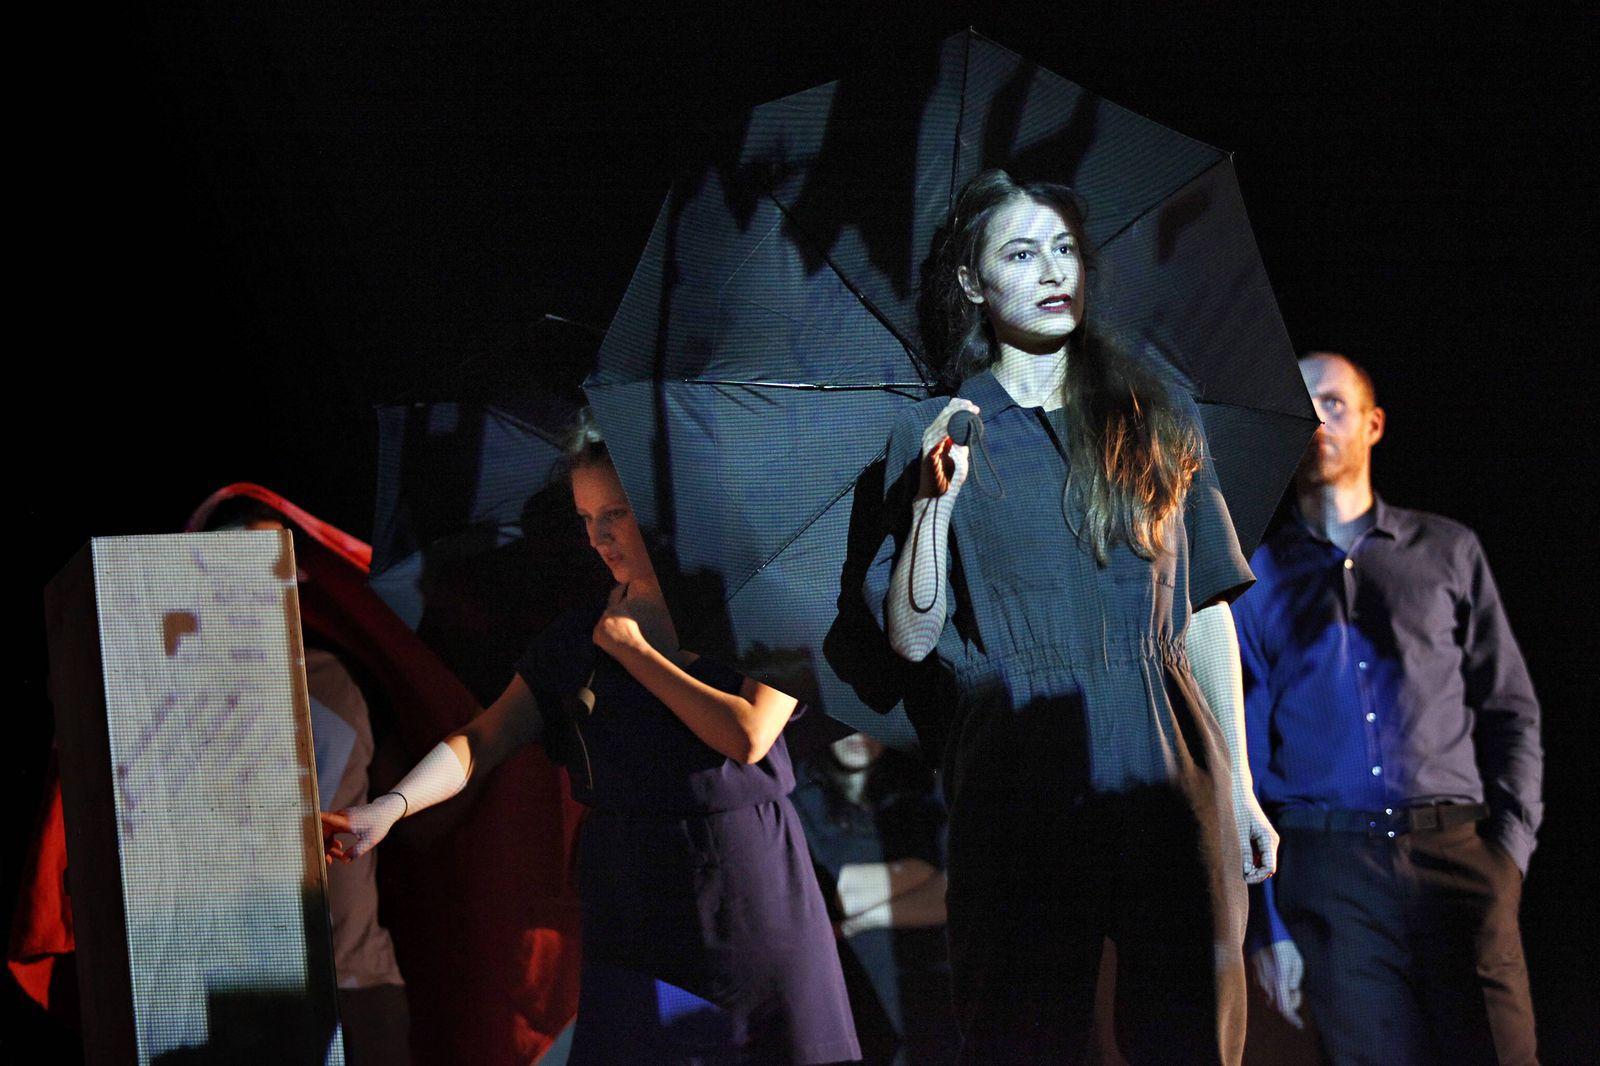 drama berlin de 12 03 2014 Maxim Gorki Theater Berlin COMMON GROUND von Yael Ronen und Ensemble R